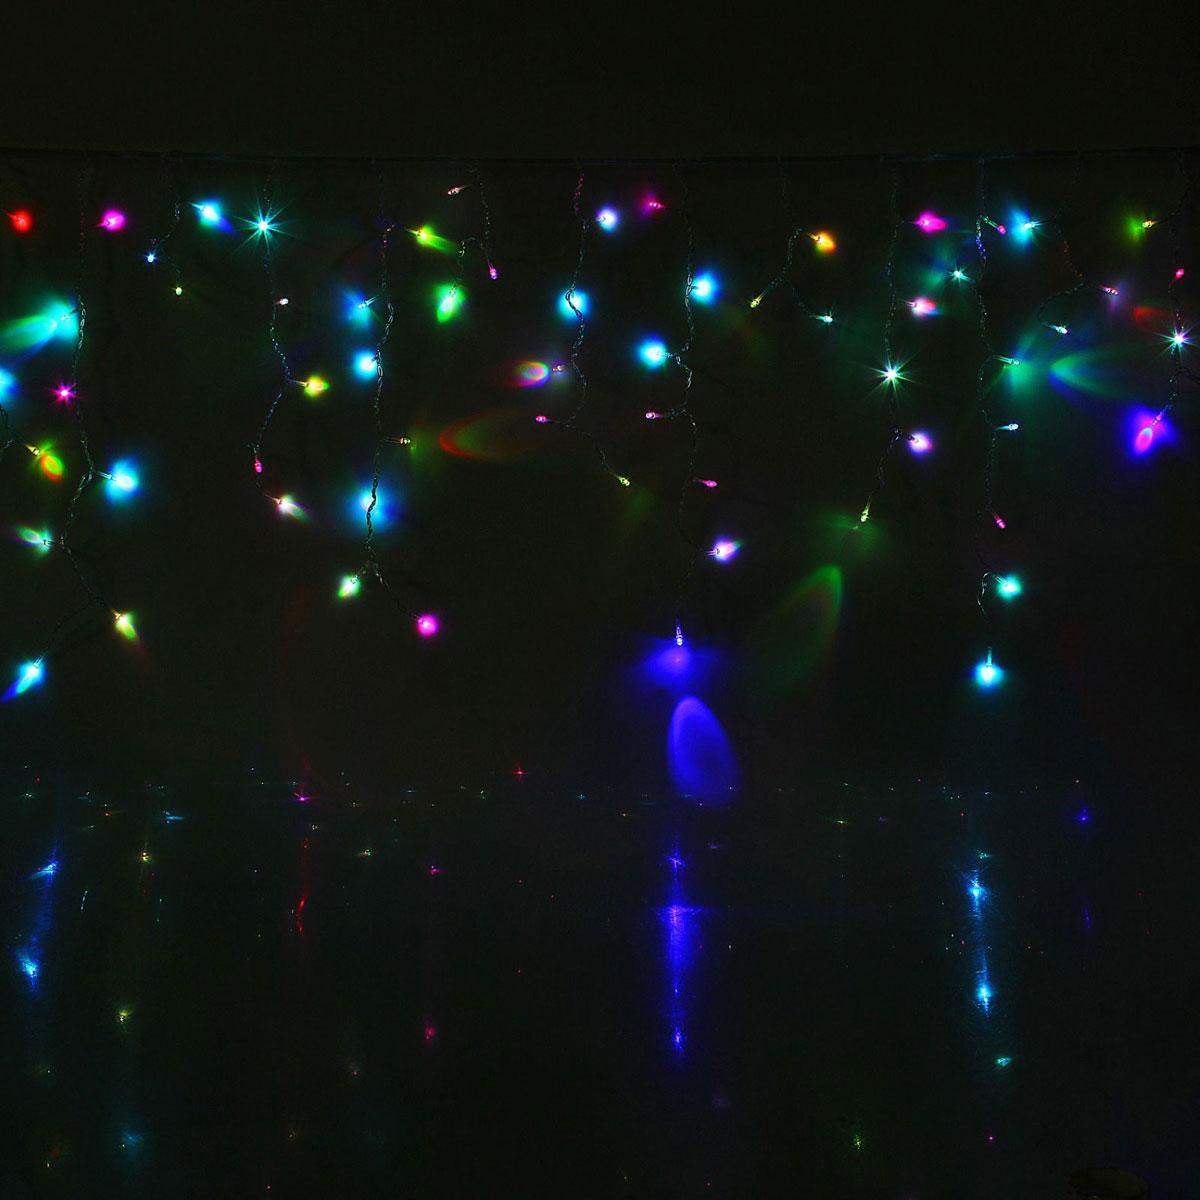 Гирлянда светодиодная Luazon Бахрома, уличная, моргает, 60 ламп, 220V, цвет: белый, 1 х 0,6 м. 10801341080134Светодиодные гирлянды, ленты и т.д — это отличный вариант для новогоднего оформления интерьера или фасада. С их помощью помещение любого размера можно превратить в праздничный зал, а внешние элементы зданий, украшенные ими, мгновенно станут напоминать очертания сказочного дворца. Такие украшения создают ауру предвкушения чуда. Деревья, фасады, витрины, окна и арки будто специально созданы, чтобы вы украсили их светящимися нитями.